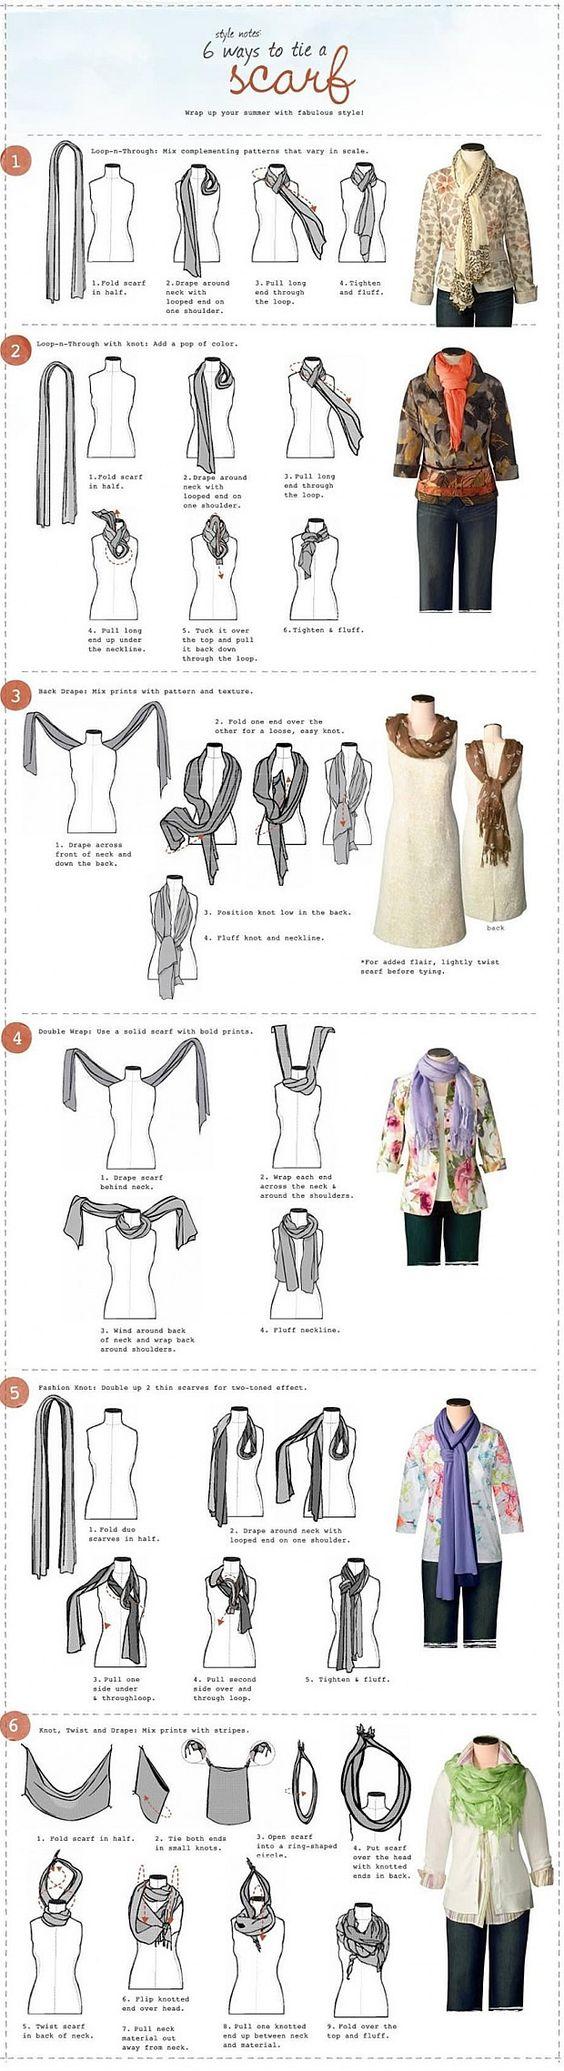 6 manières de nouer son foulard nouer son foulard1